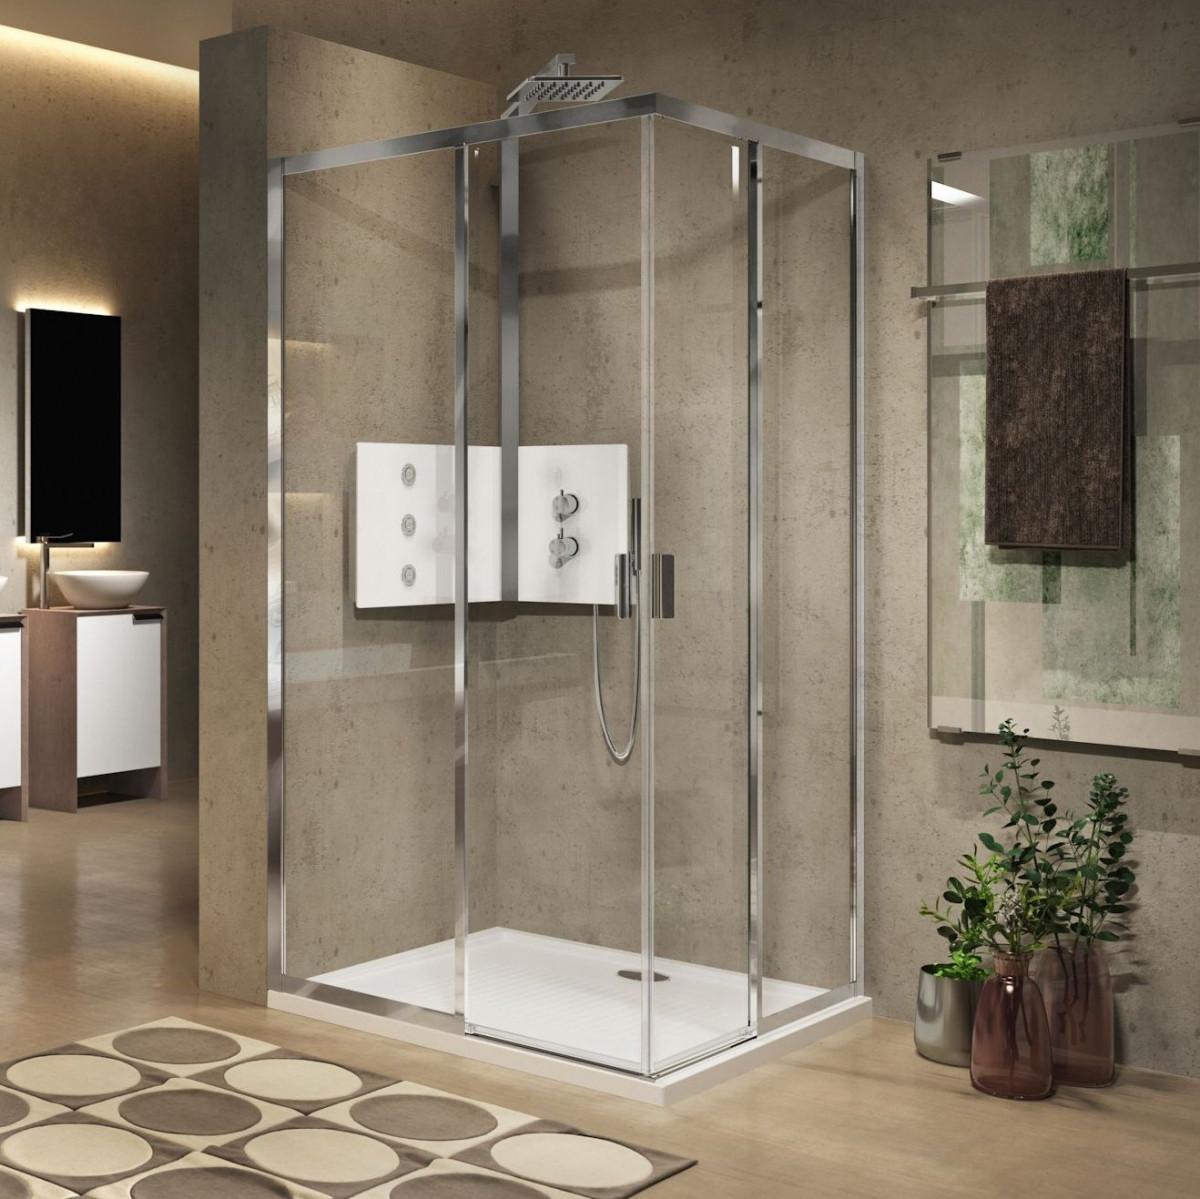 Novellini Lunes 2 0 Ah 1200mm Corner Entry Shower